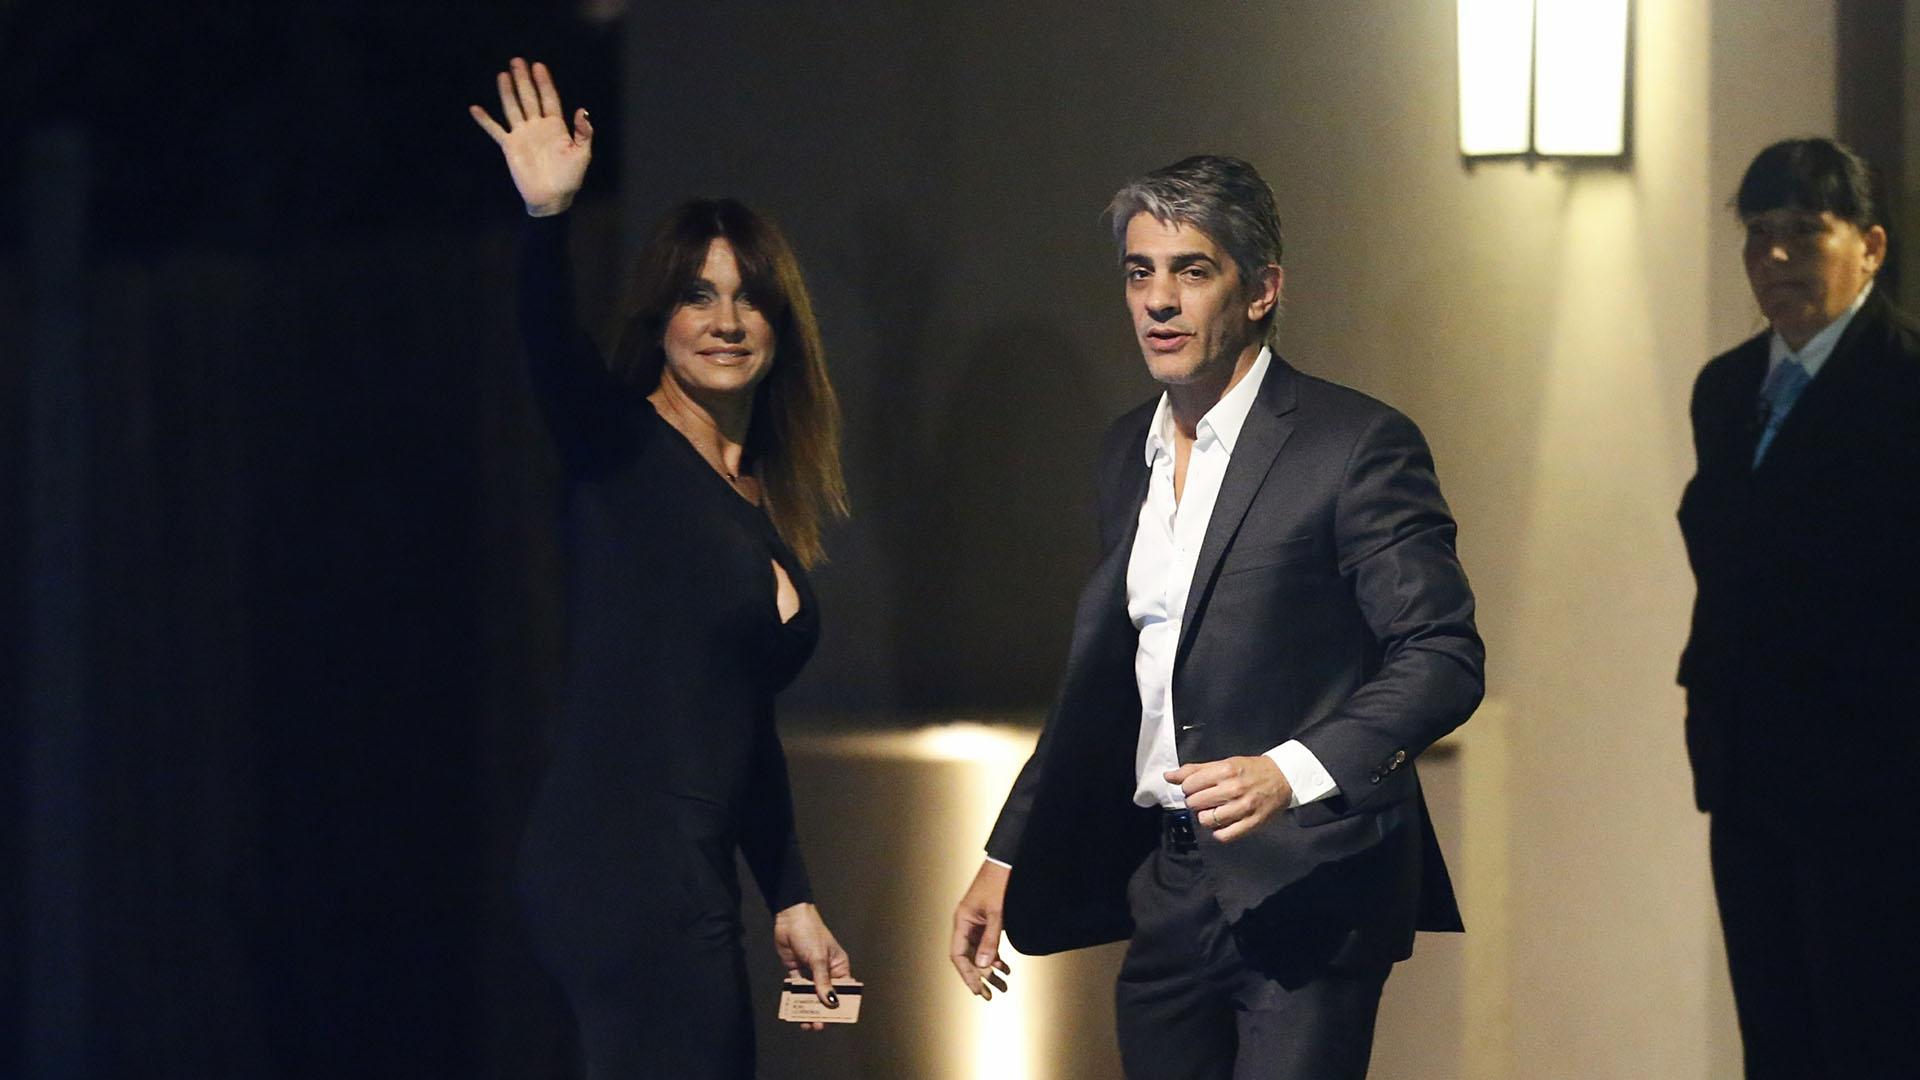 Nancy y Pablo fueron los últimos famosos en llegar y se acercaron a posar para los fotógrafos (Nicolás Aboaf)